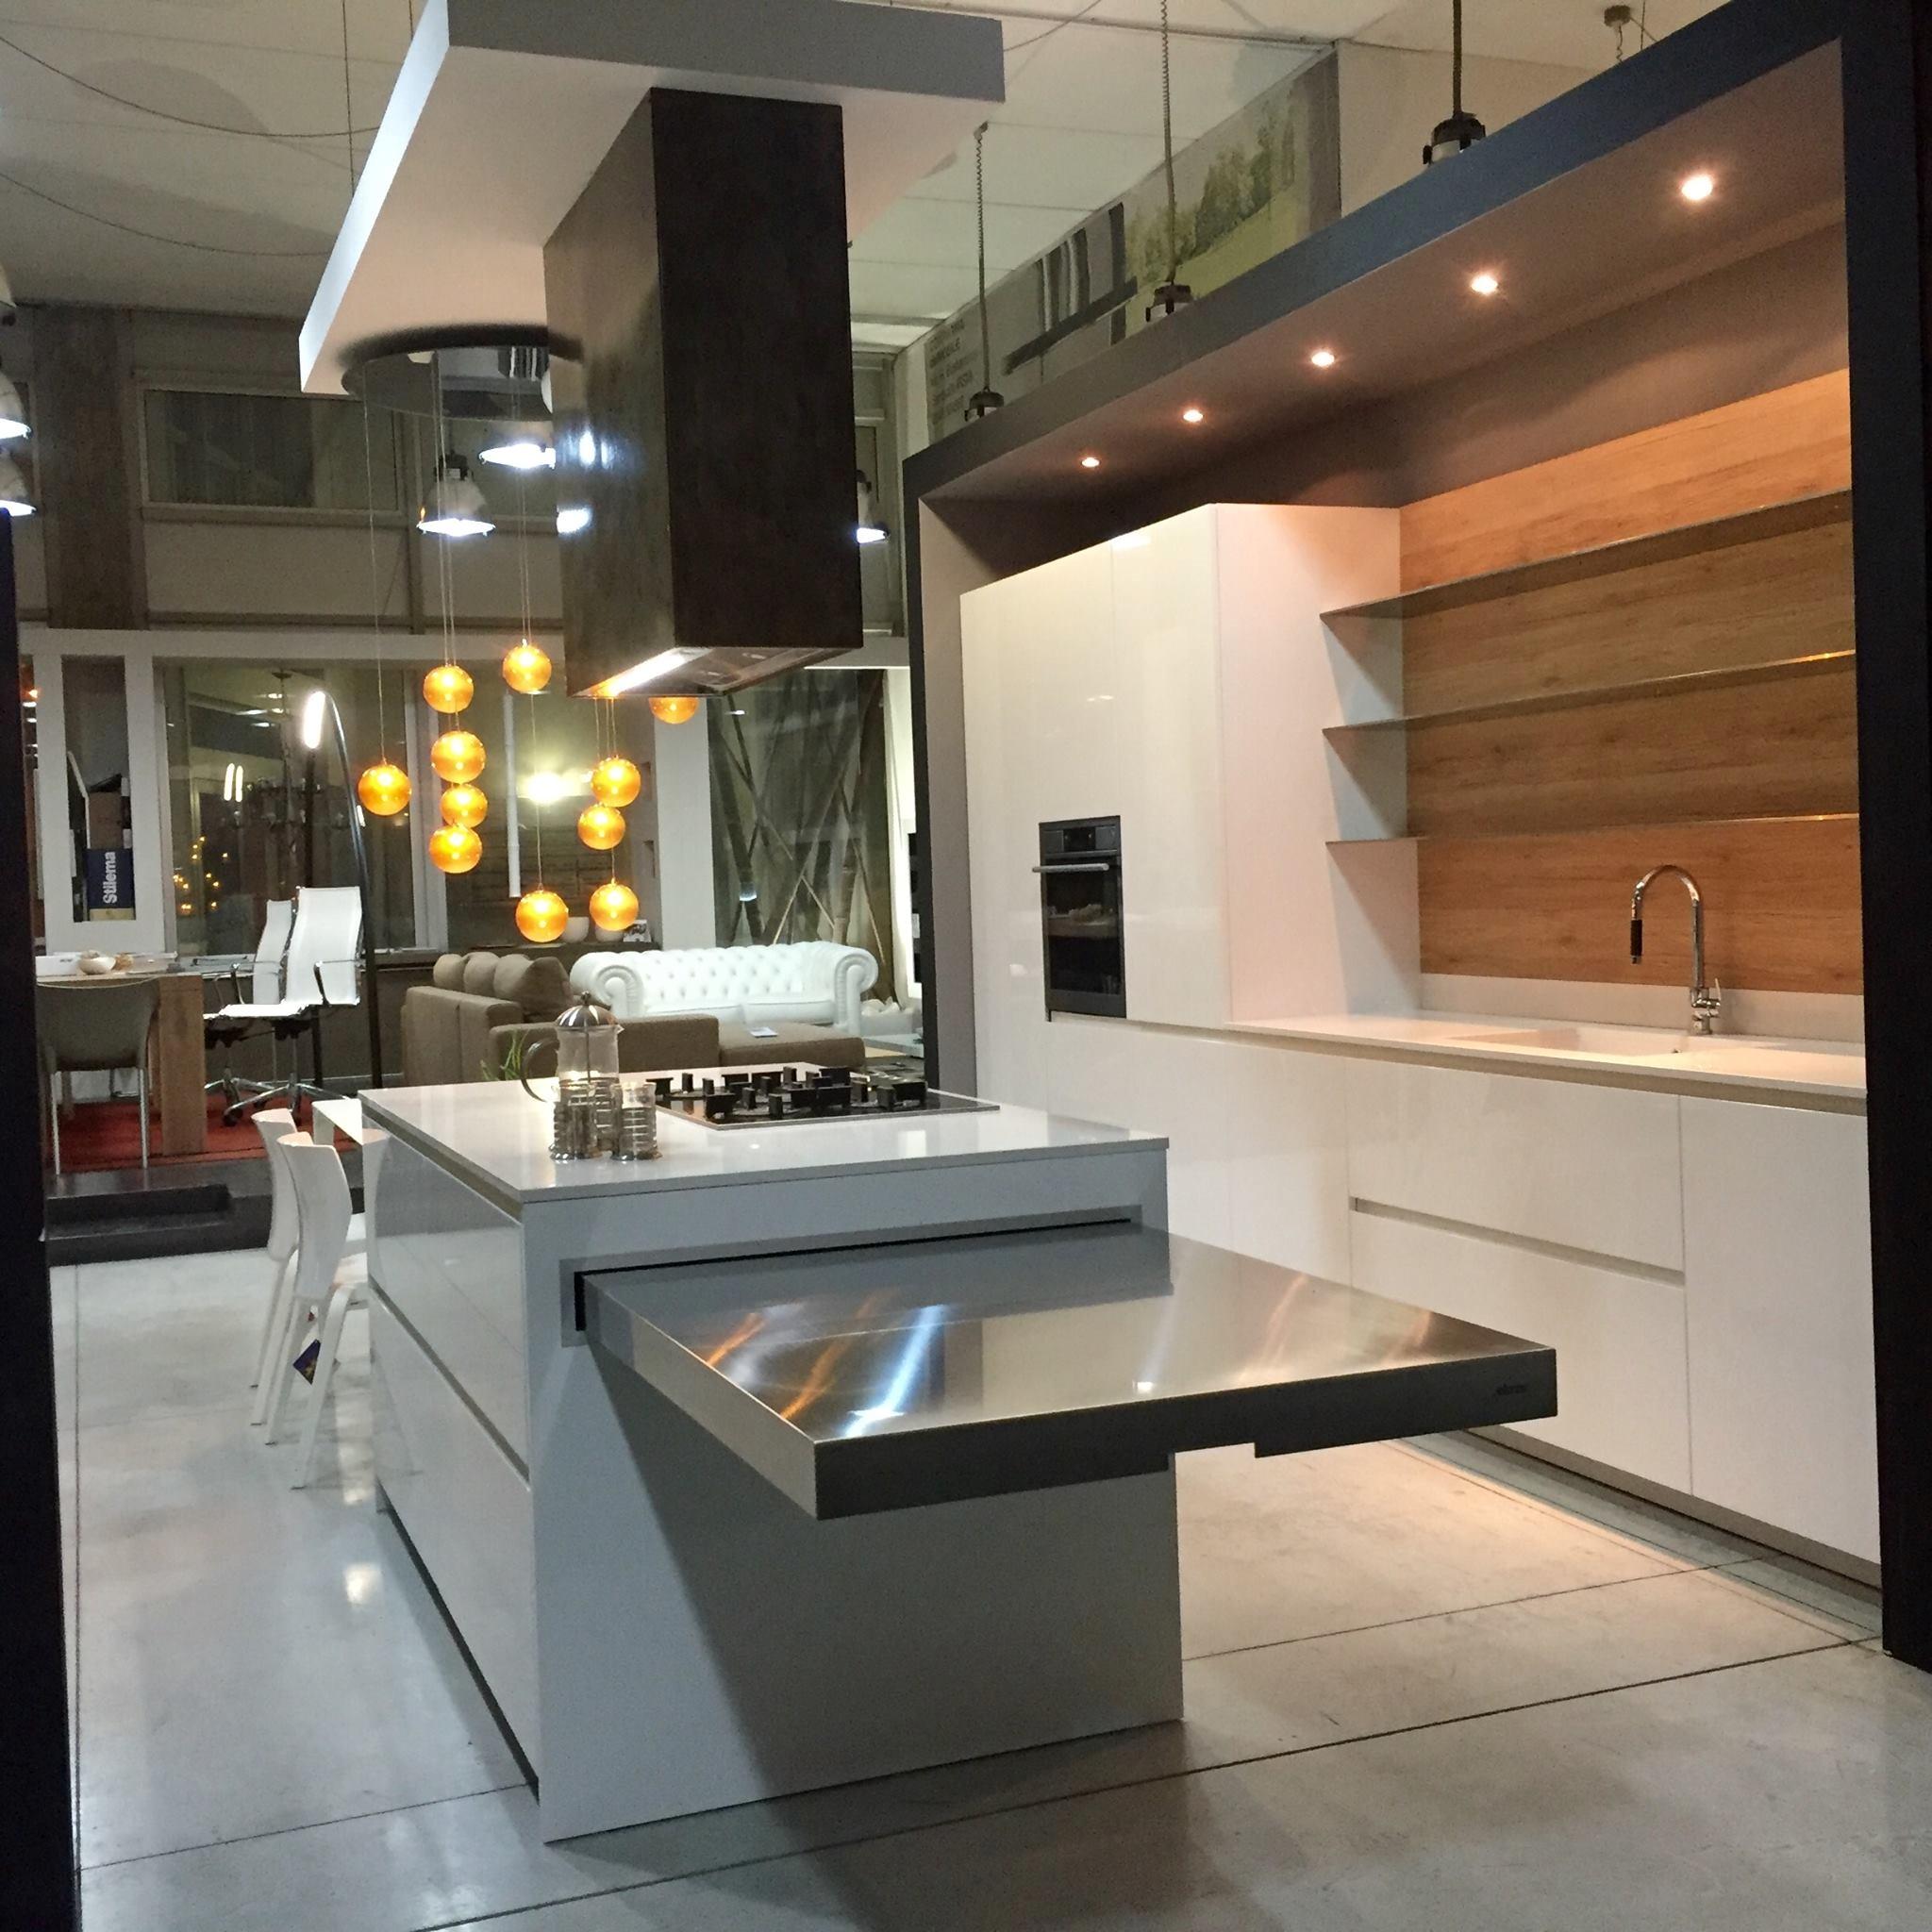 Elmar Cucine Cucina Easy Bianca lucido,Design - Cucine a prezzi ...